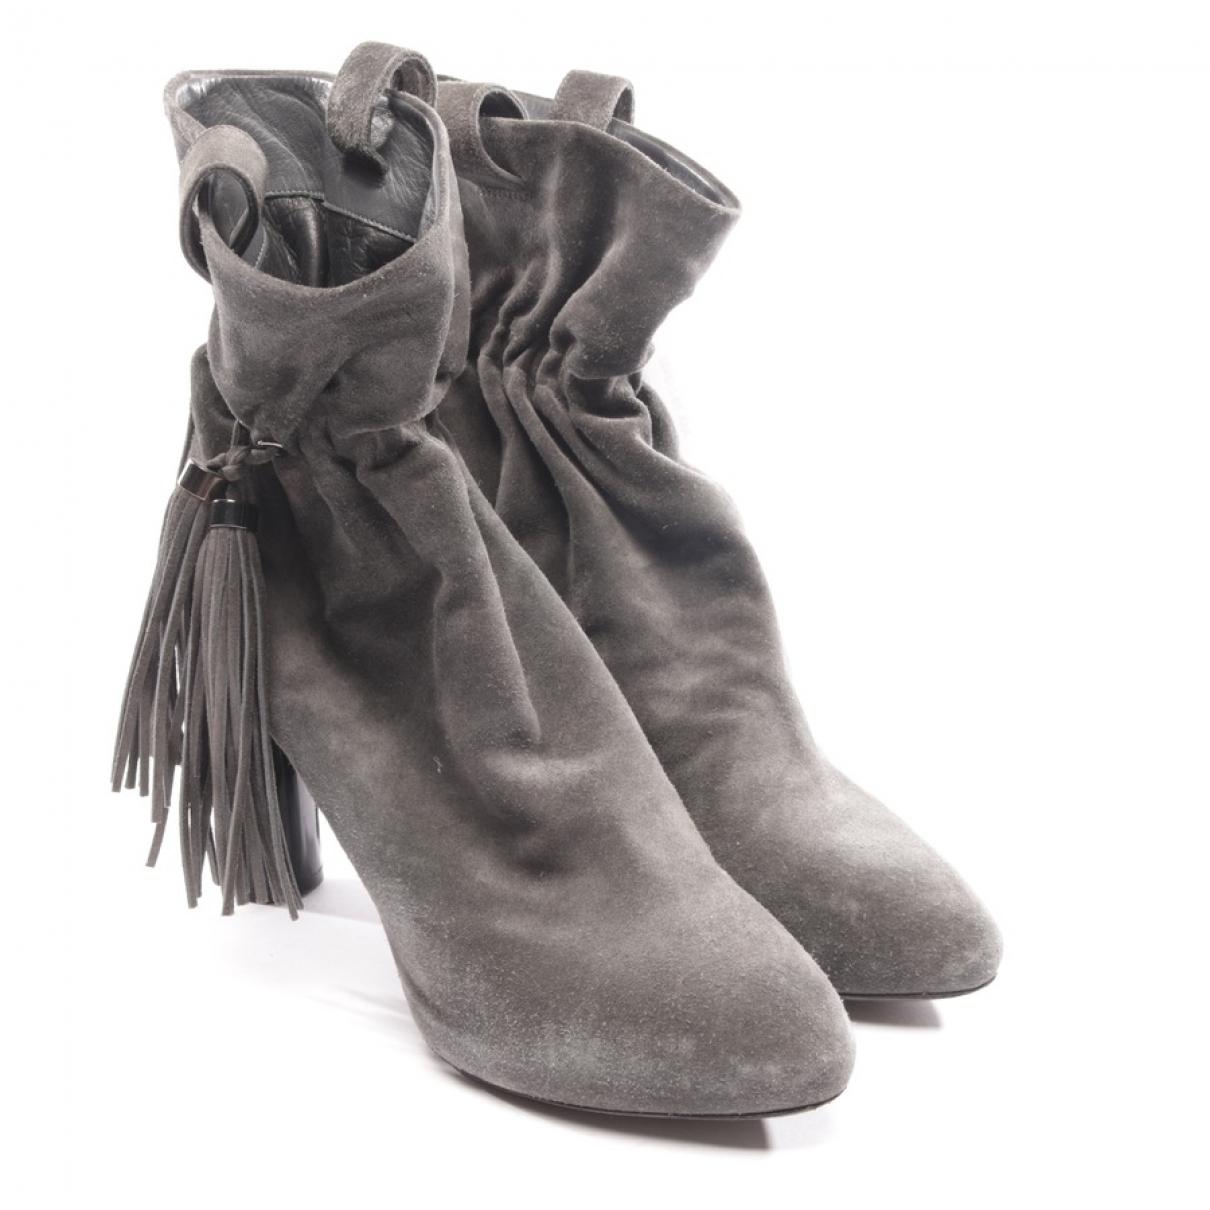 Celine - Boots   pour femme en suede - gris